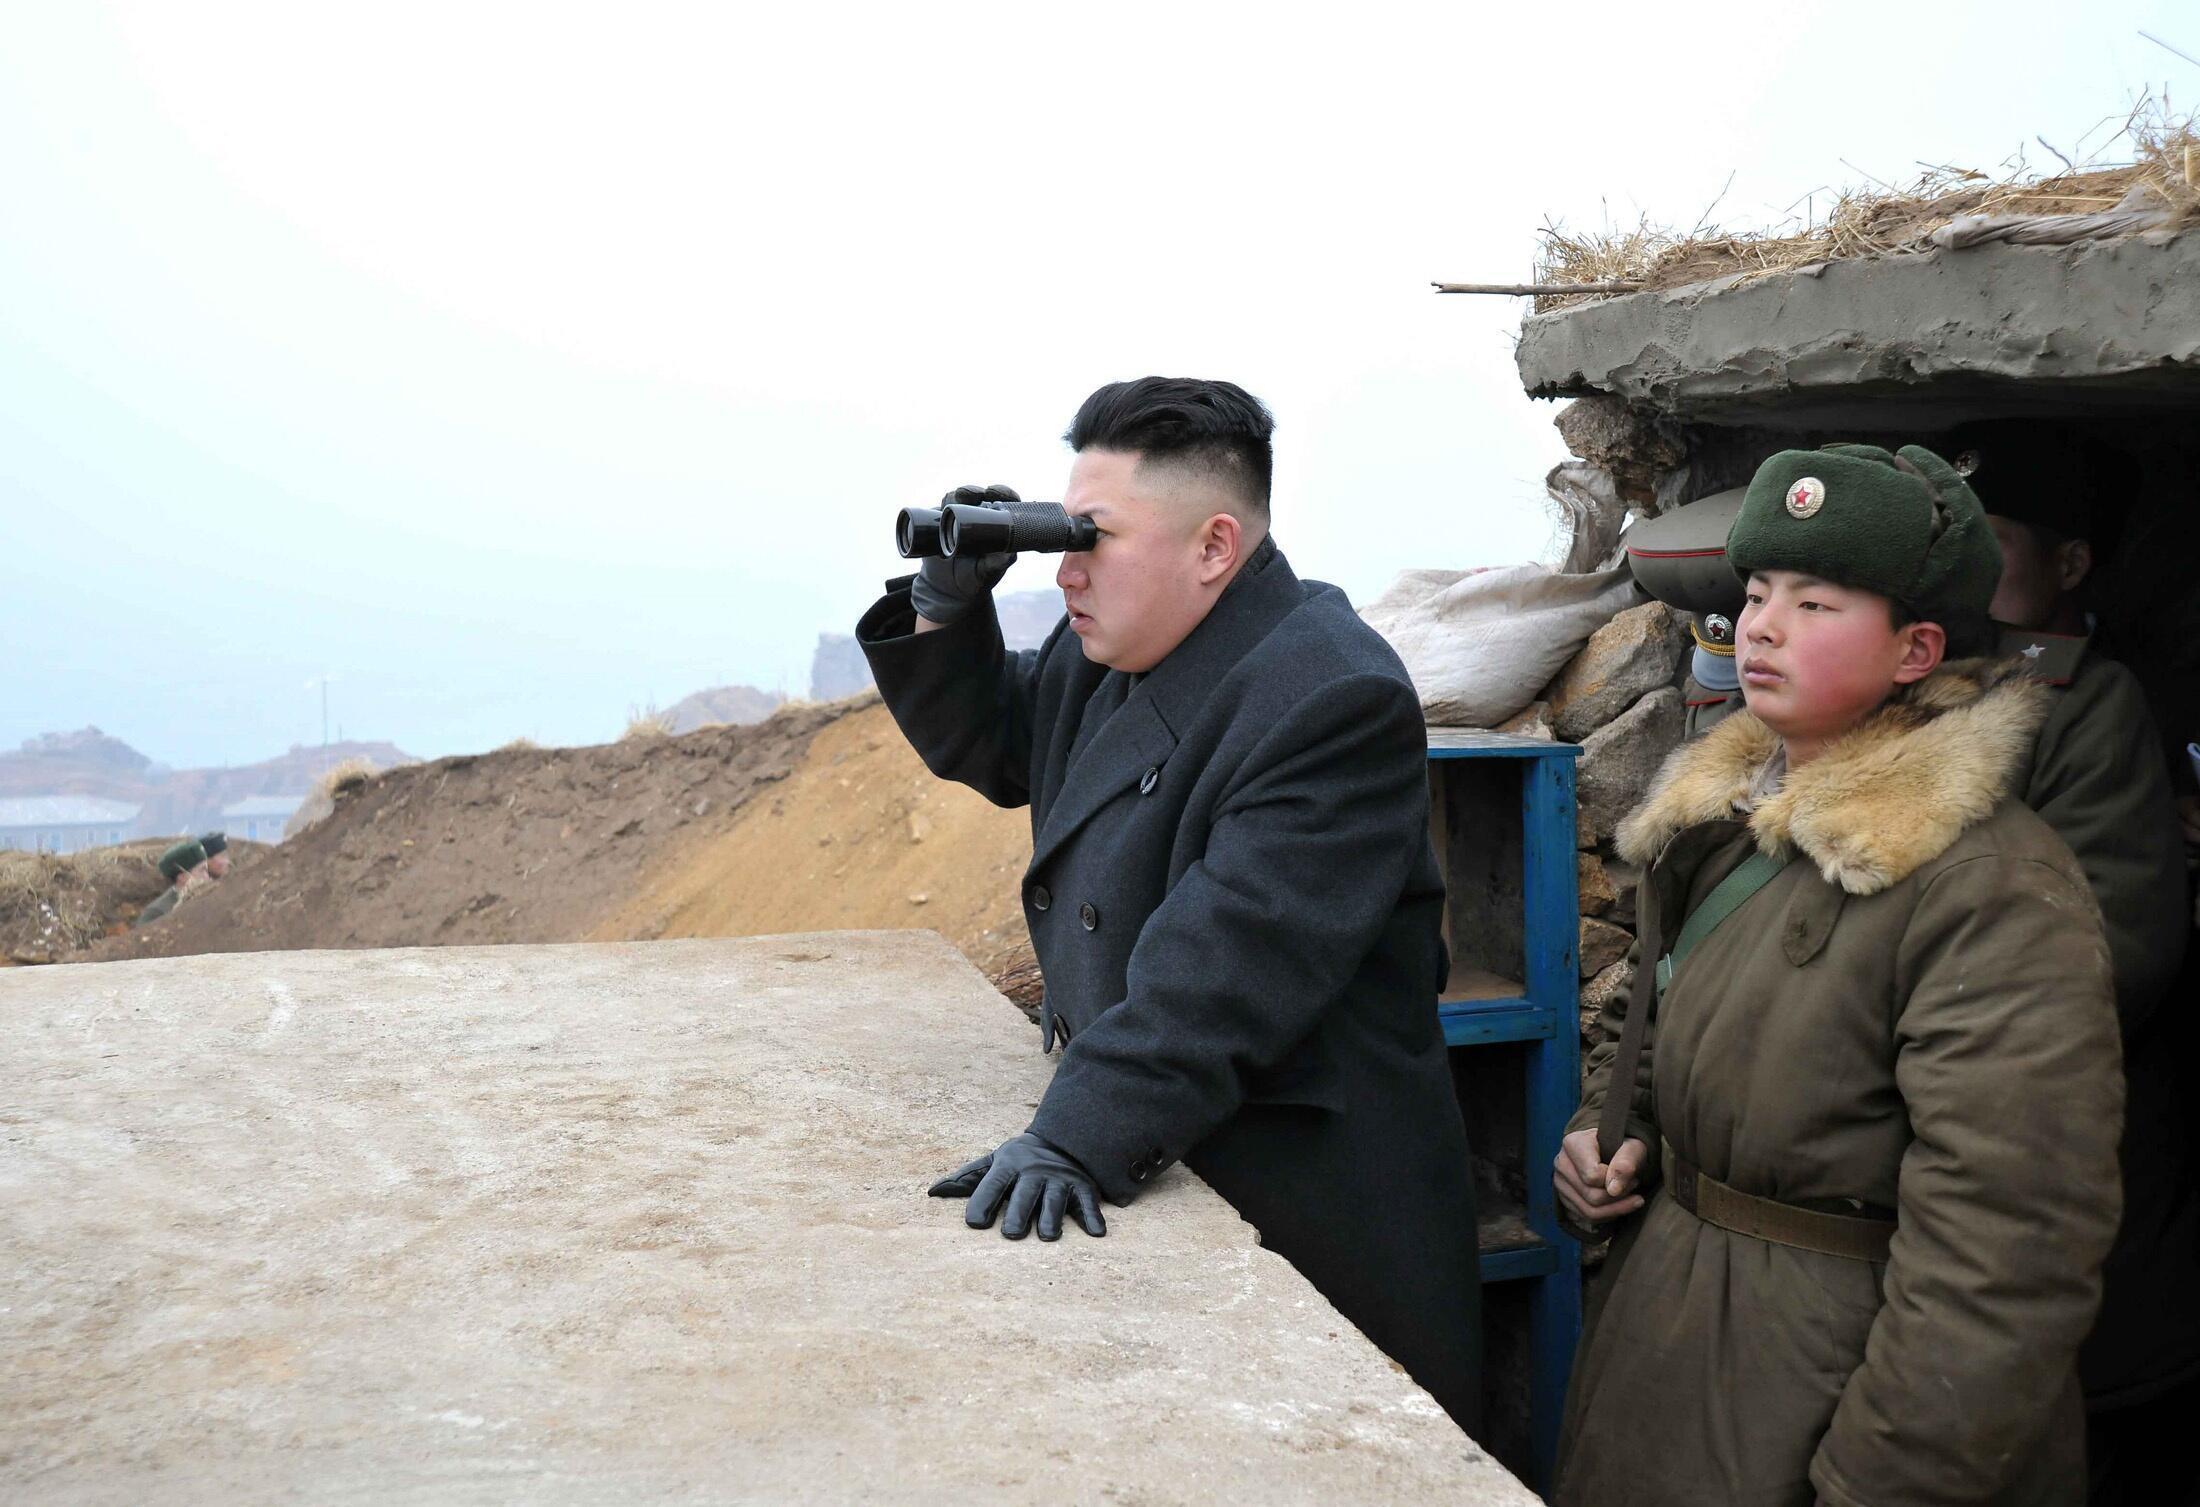 Le leader nord-coréen Kim Jong-un regarde les positions de l'armée sud-coréenne, le 7 mars 2013. Cliché transmis par l'agence KCNA de Corée du Nord.